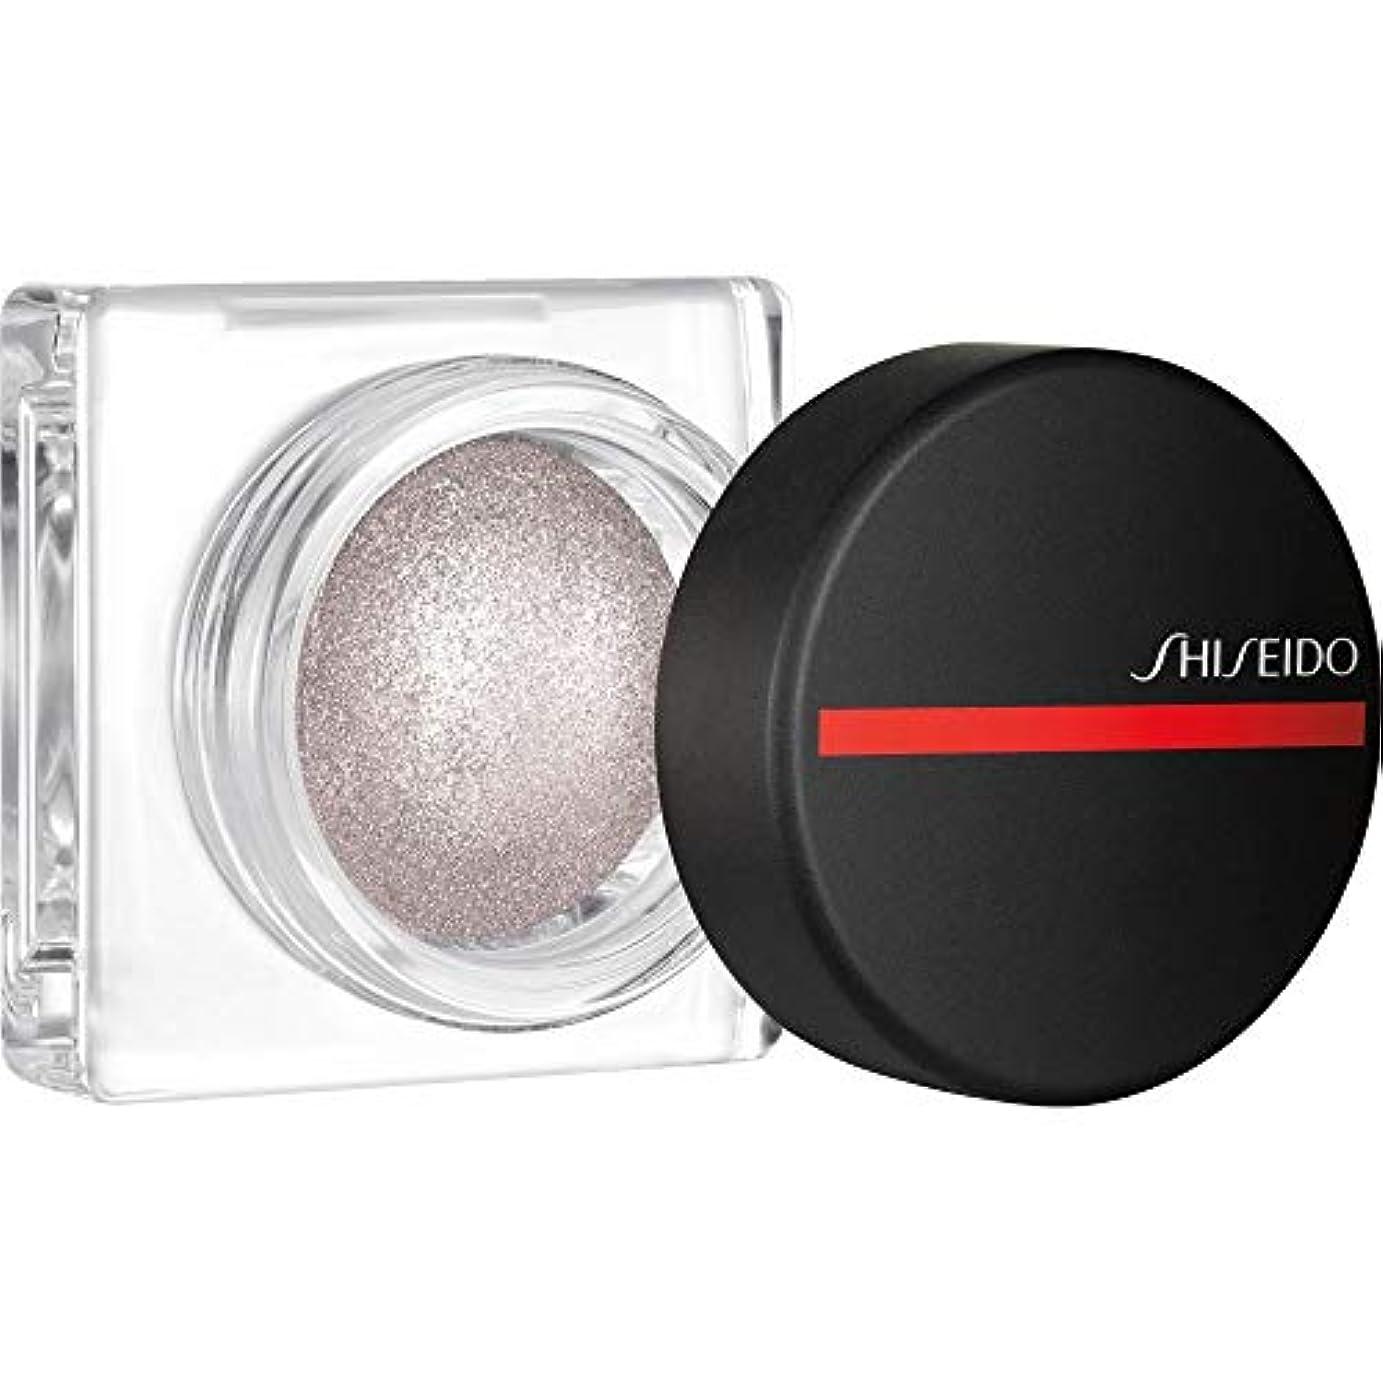 最悪抑圧者バトル[Shiseido] 資生堂のオーラ露の4.8グラム01 - 月面 - Shiseido Aura Dew 4.8g 01 - Lunar [並行輸入品]